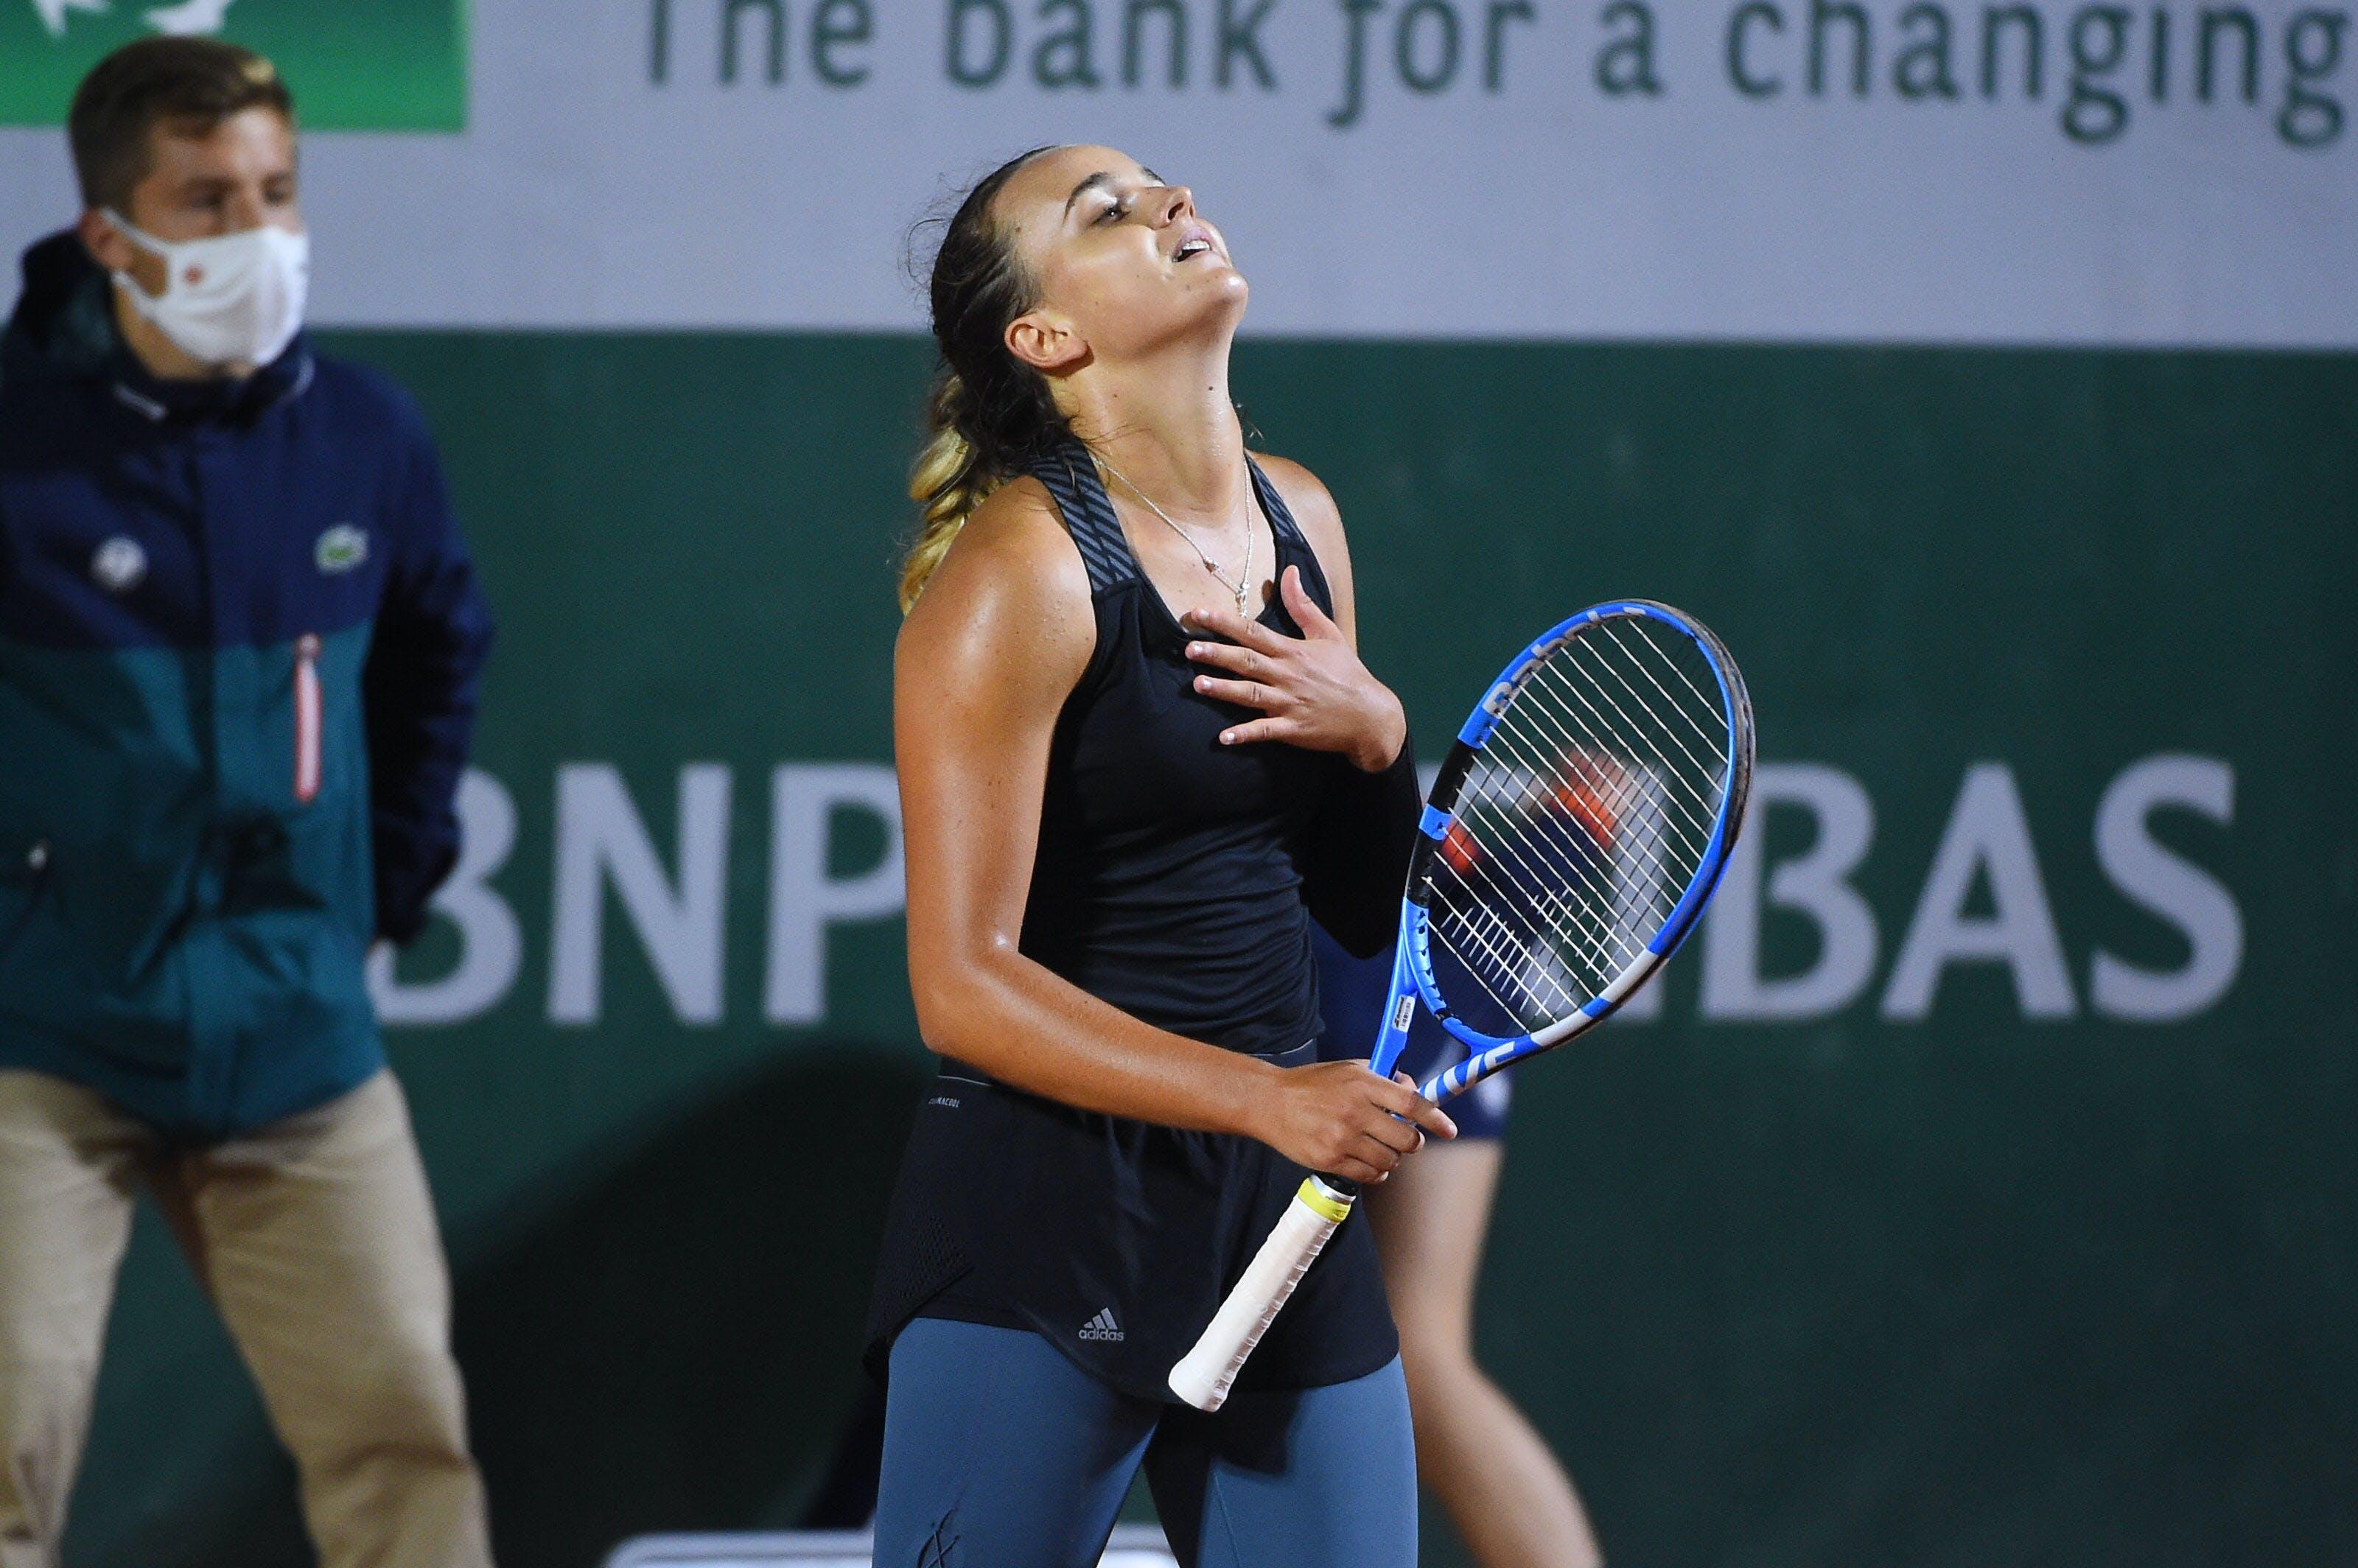 Clara Burel a gagné son 1er match en Grand Chelem à Roland-Garros 2020